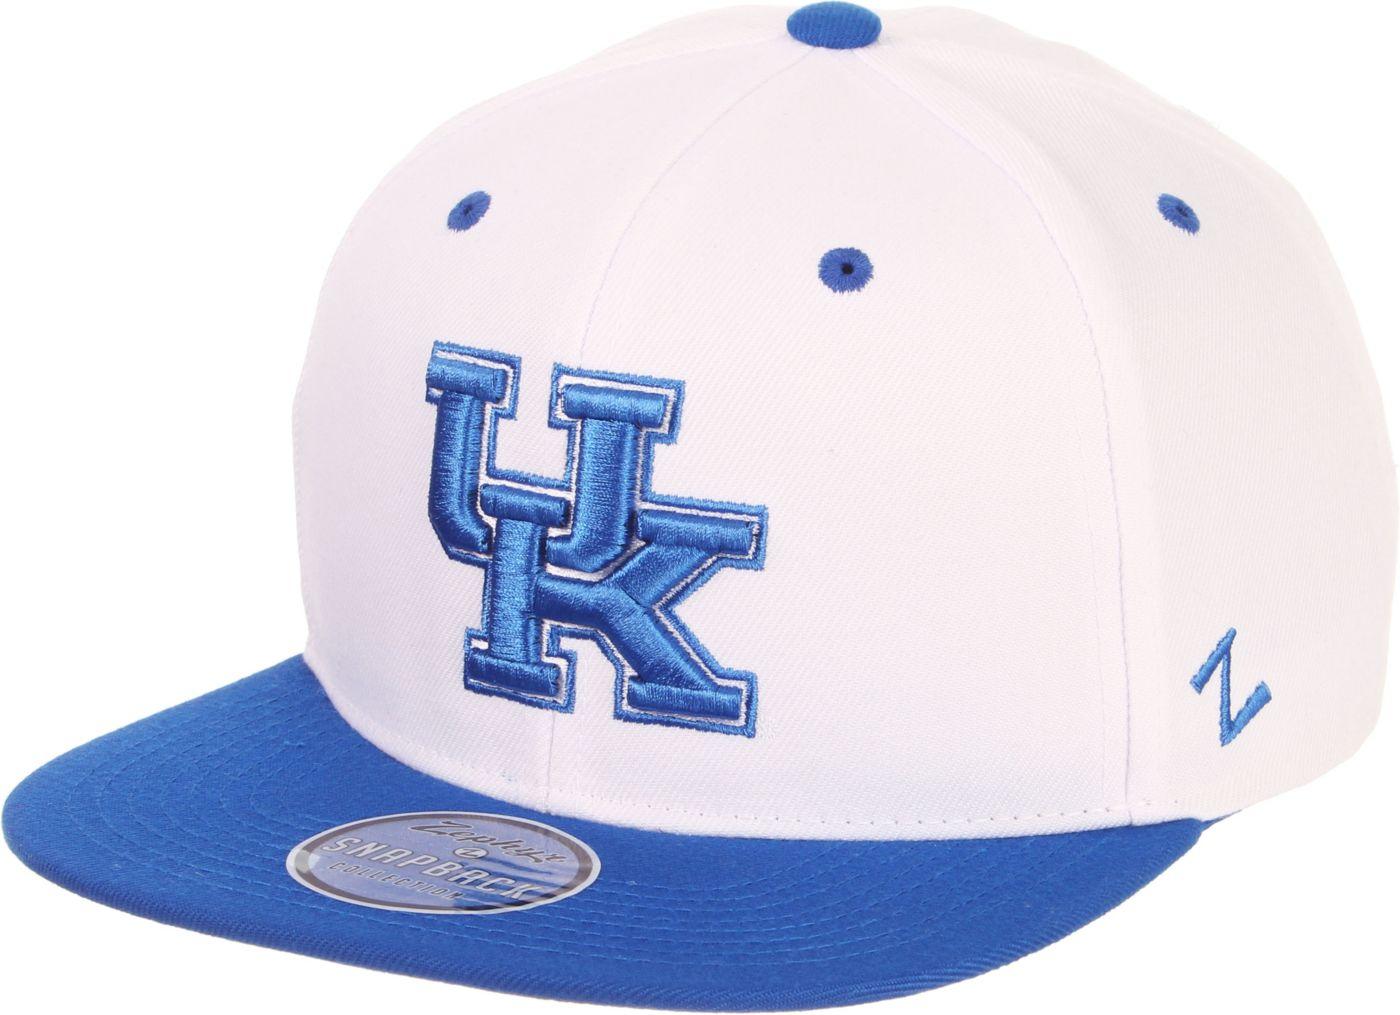 Zephyr Men's Kentucky Wildcats Blue/White Script Adjustable Snapback Hat